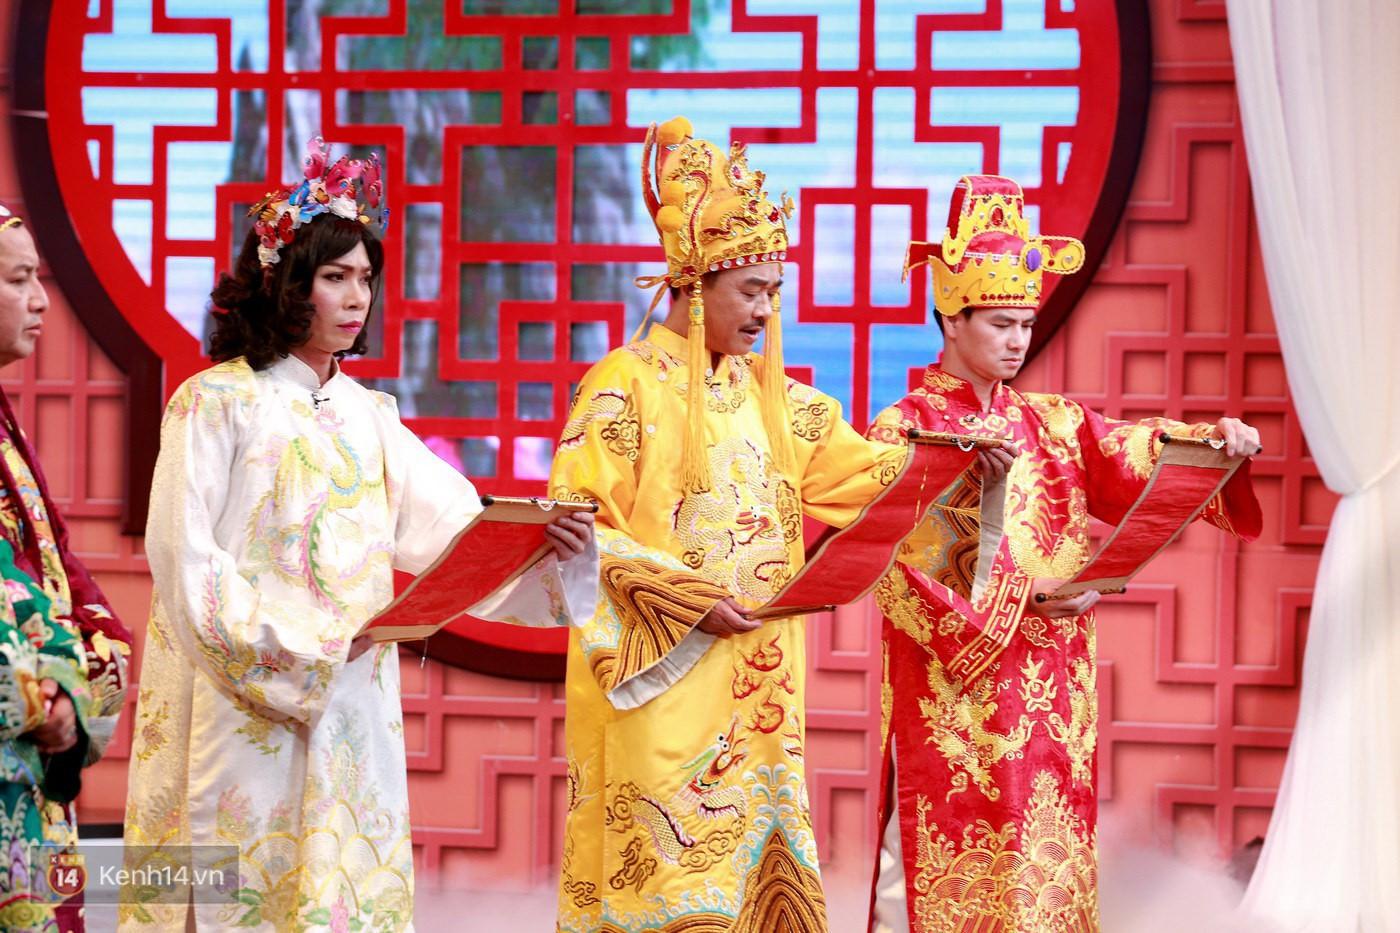 tao-quan-su-kien-giai-tri-2019